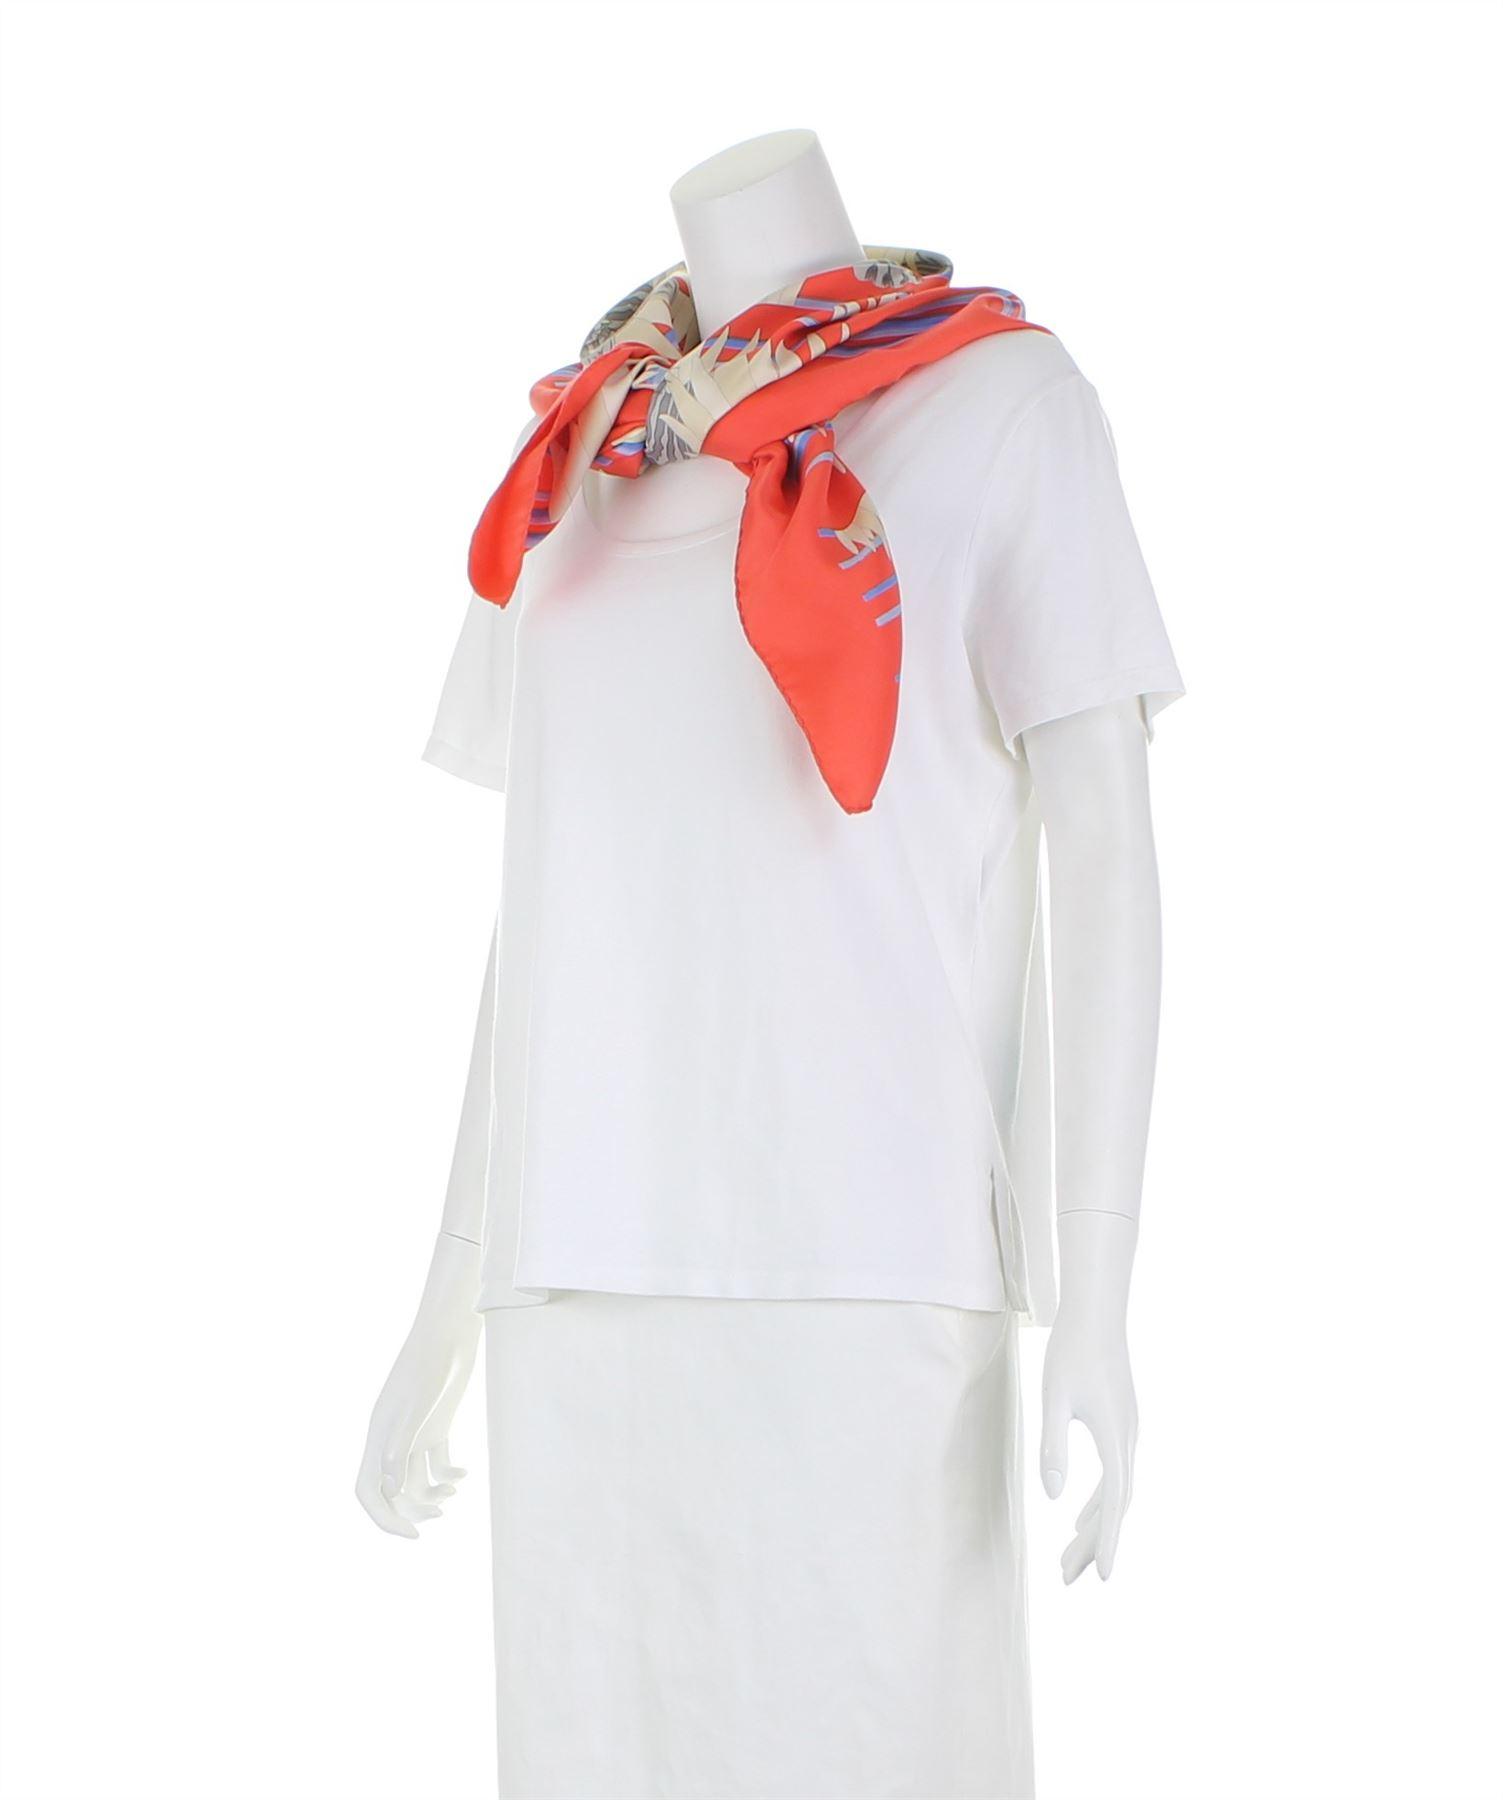 455fedafea7 HERMES-Foulard-en-soie-multicolore-35-5-034-